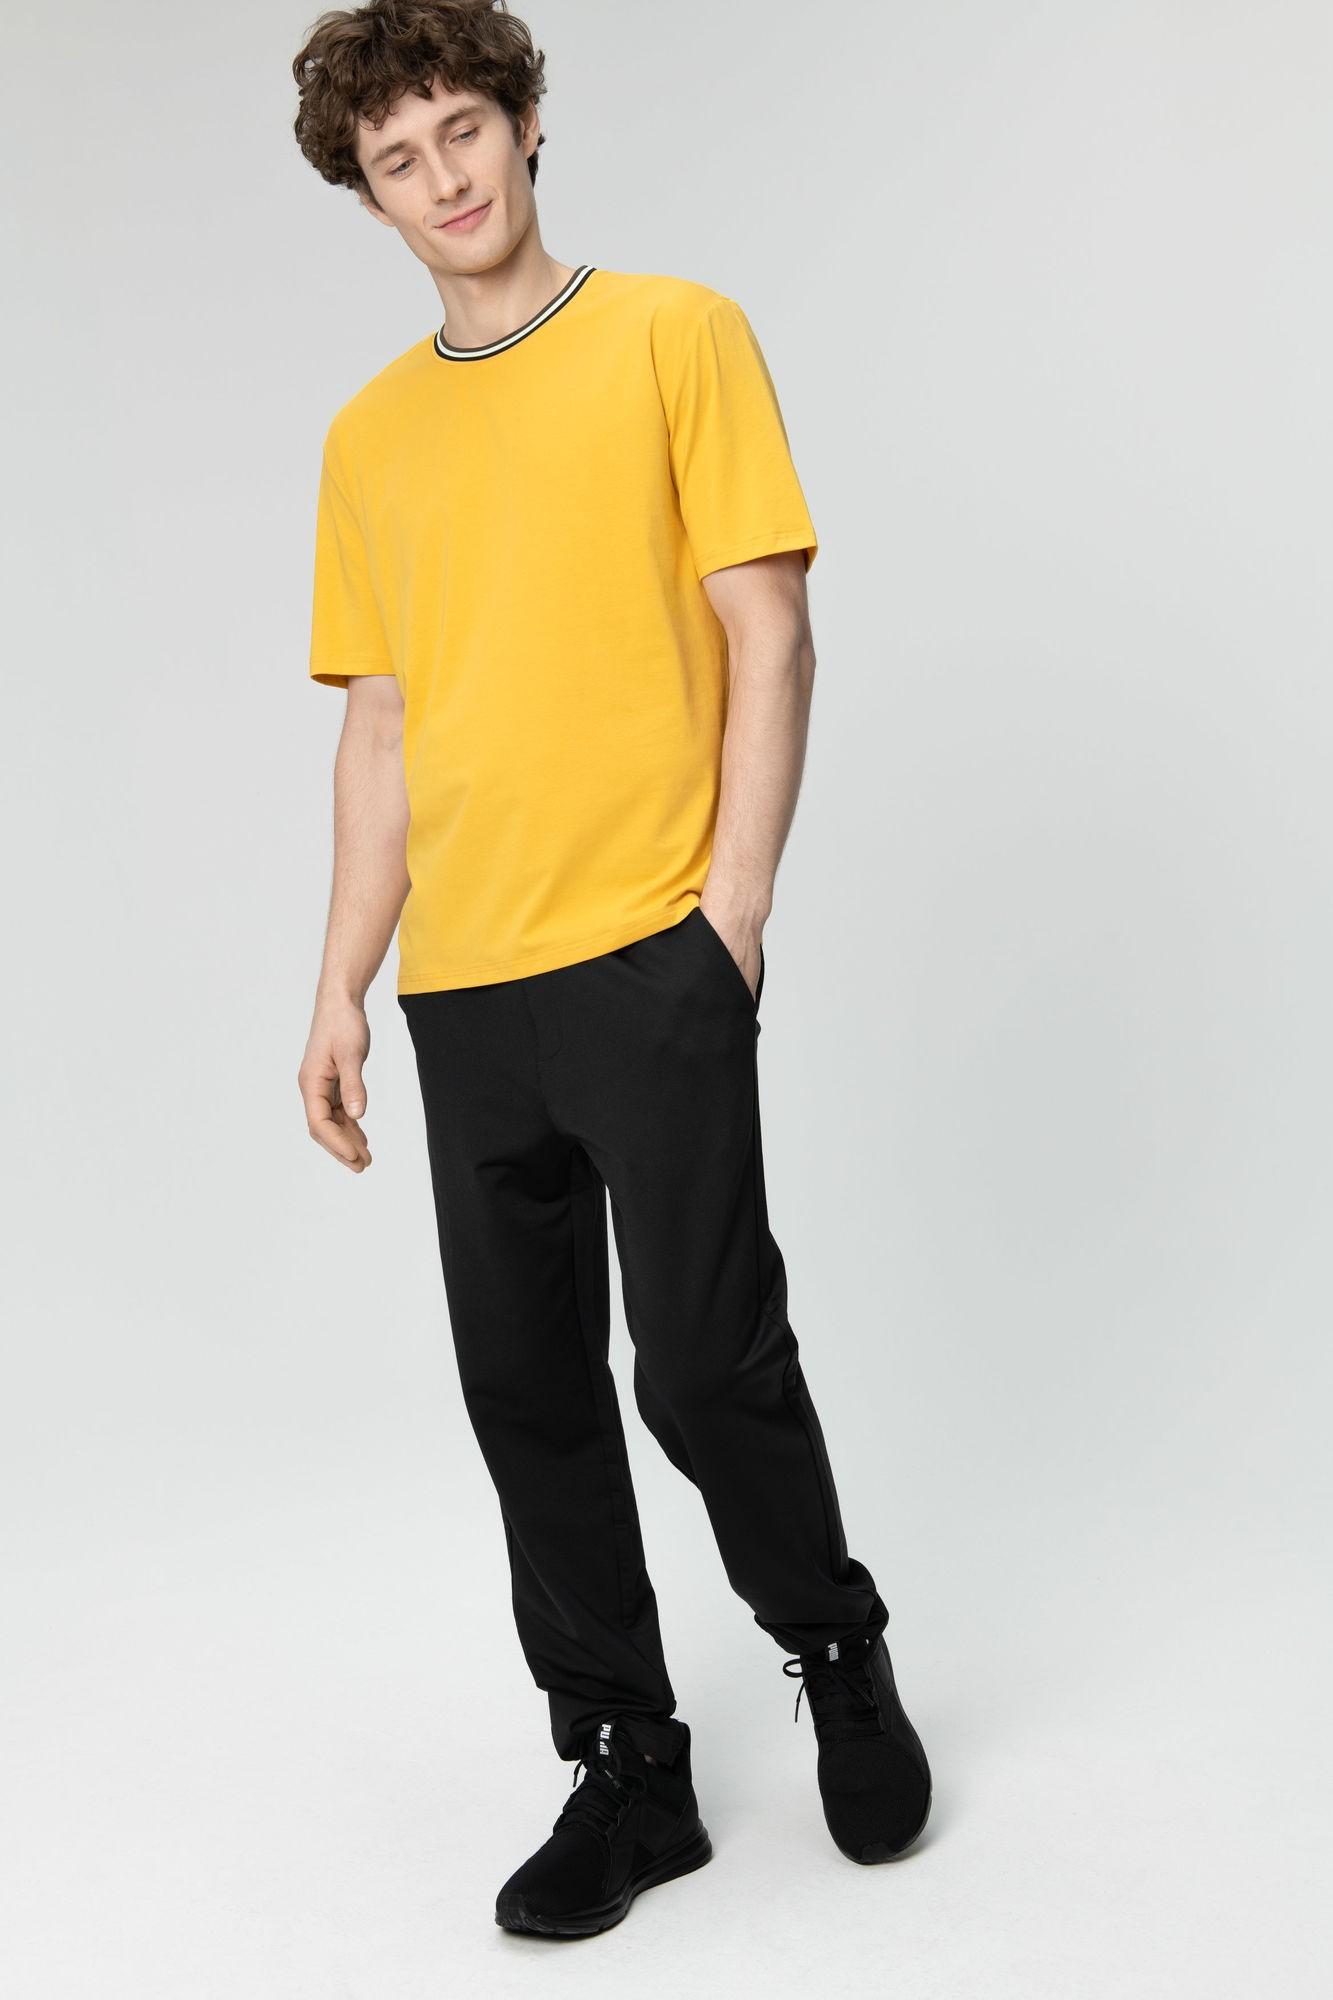 AUDIMAS Tamprūs medvilniniai marškinėliai 2011-642 Golden Rod L